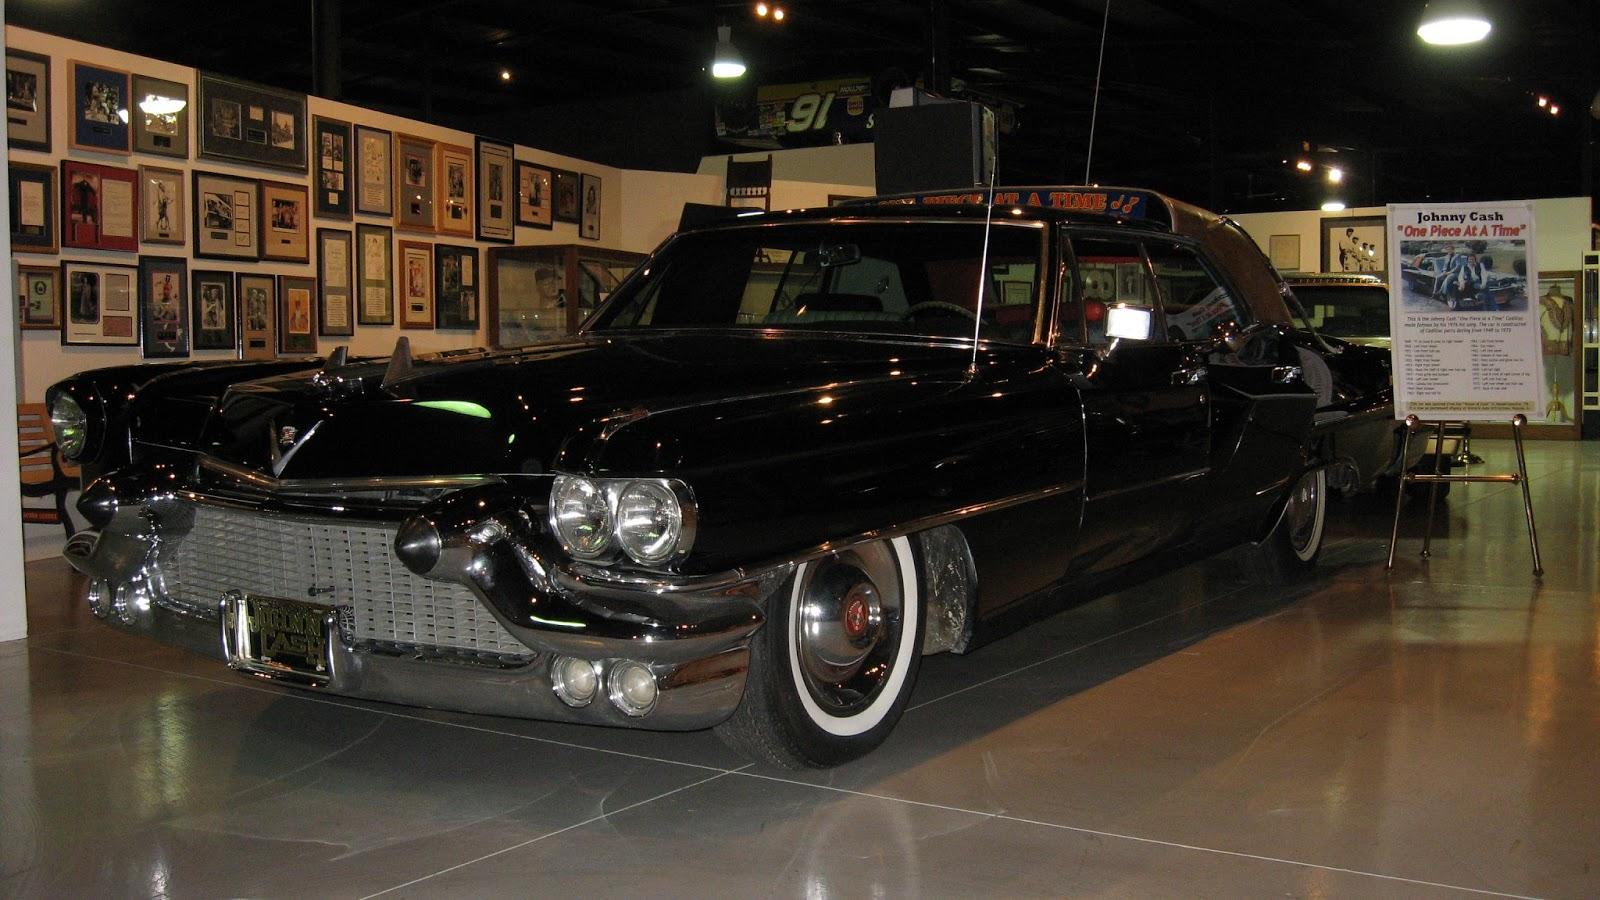 Clasp Garage: Rockstars' Garage: Johnny Cash's One Piece